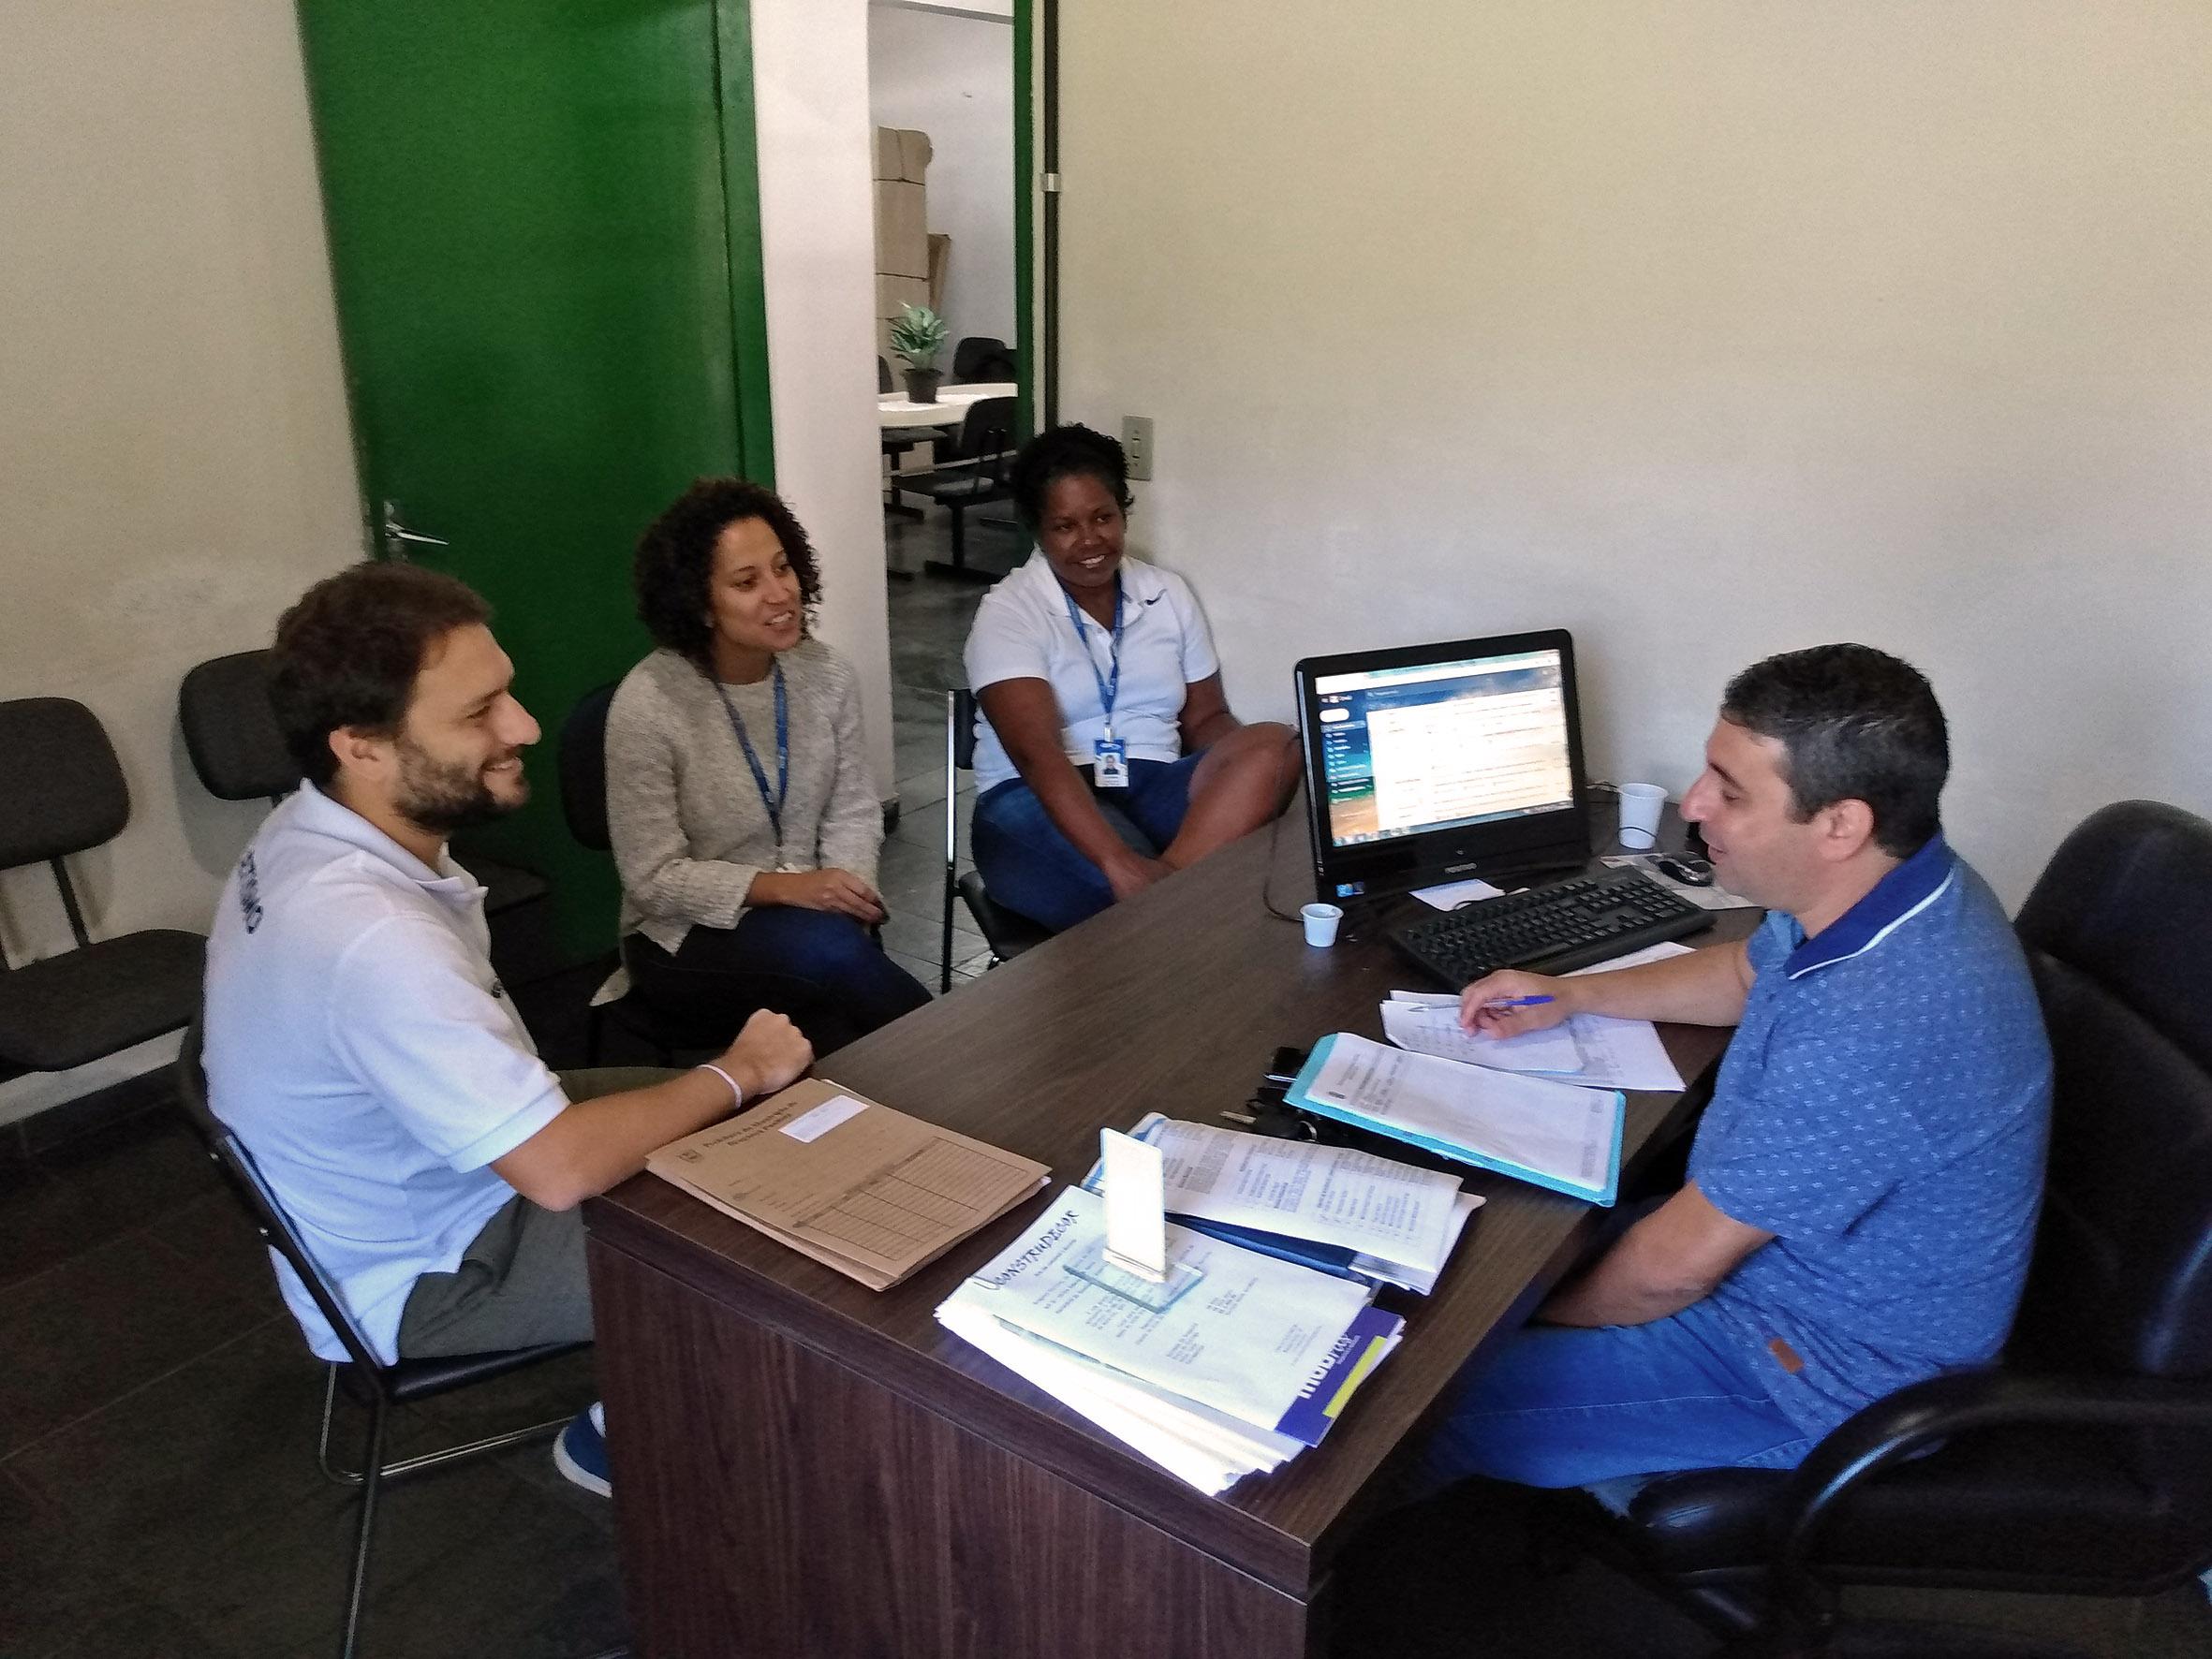 Carlos Alberto de Souza (Secretário da SEMJEL), Lucimara Machado (Coordenadora de competições) João Gabriel Leite (Coordenador de Marketing) e Maiara Batista (Analista de comunicação)